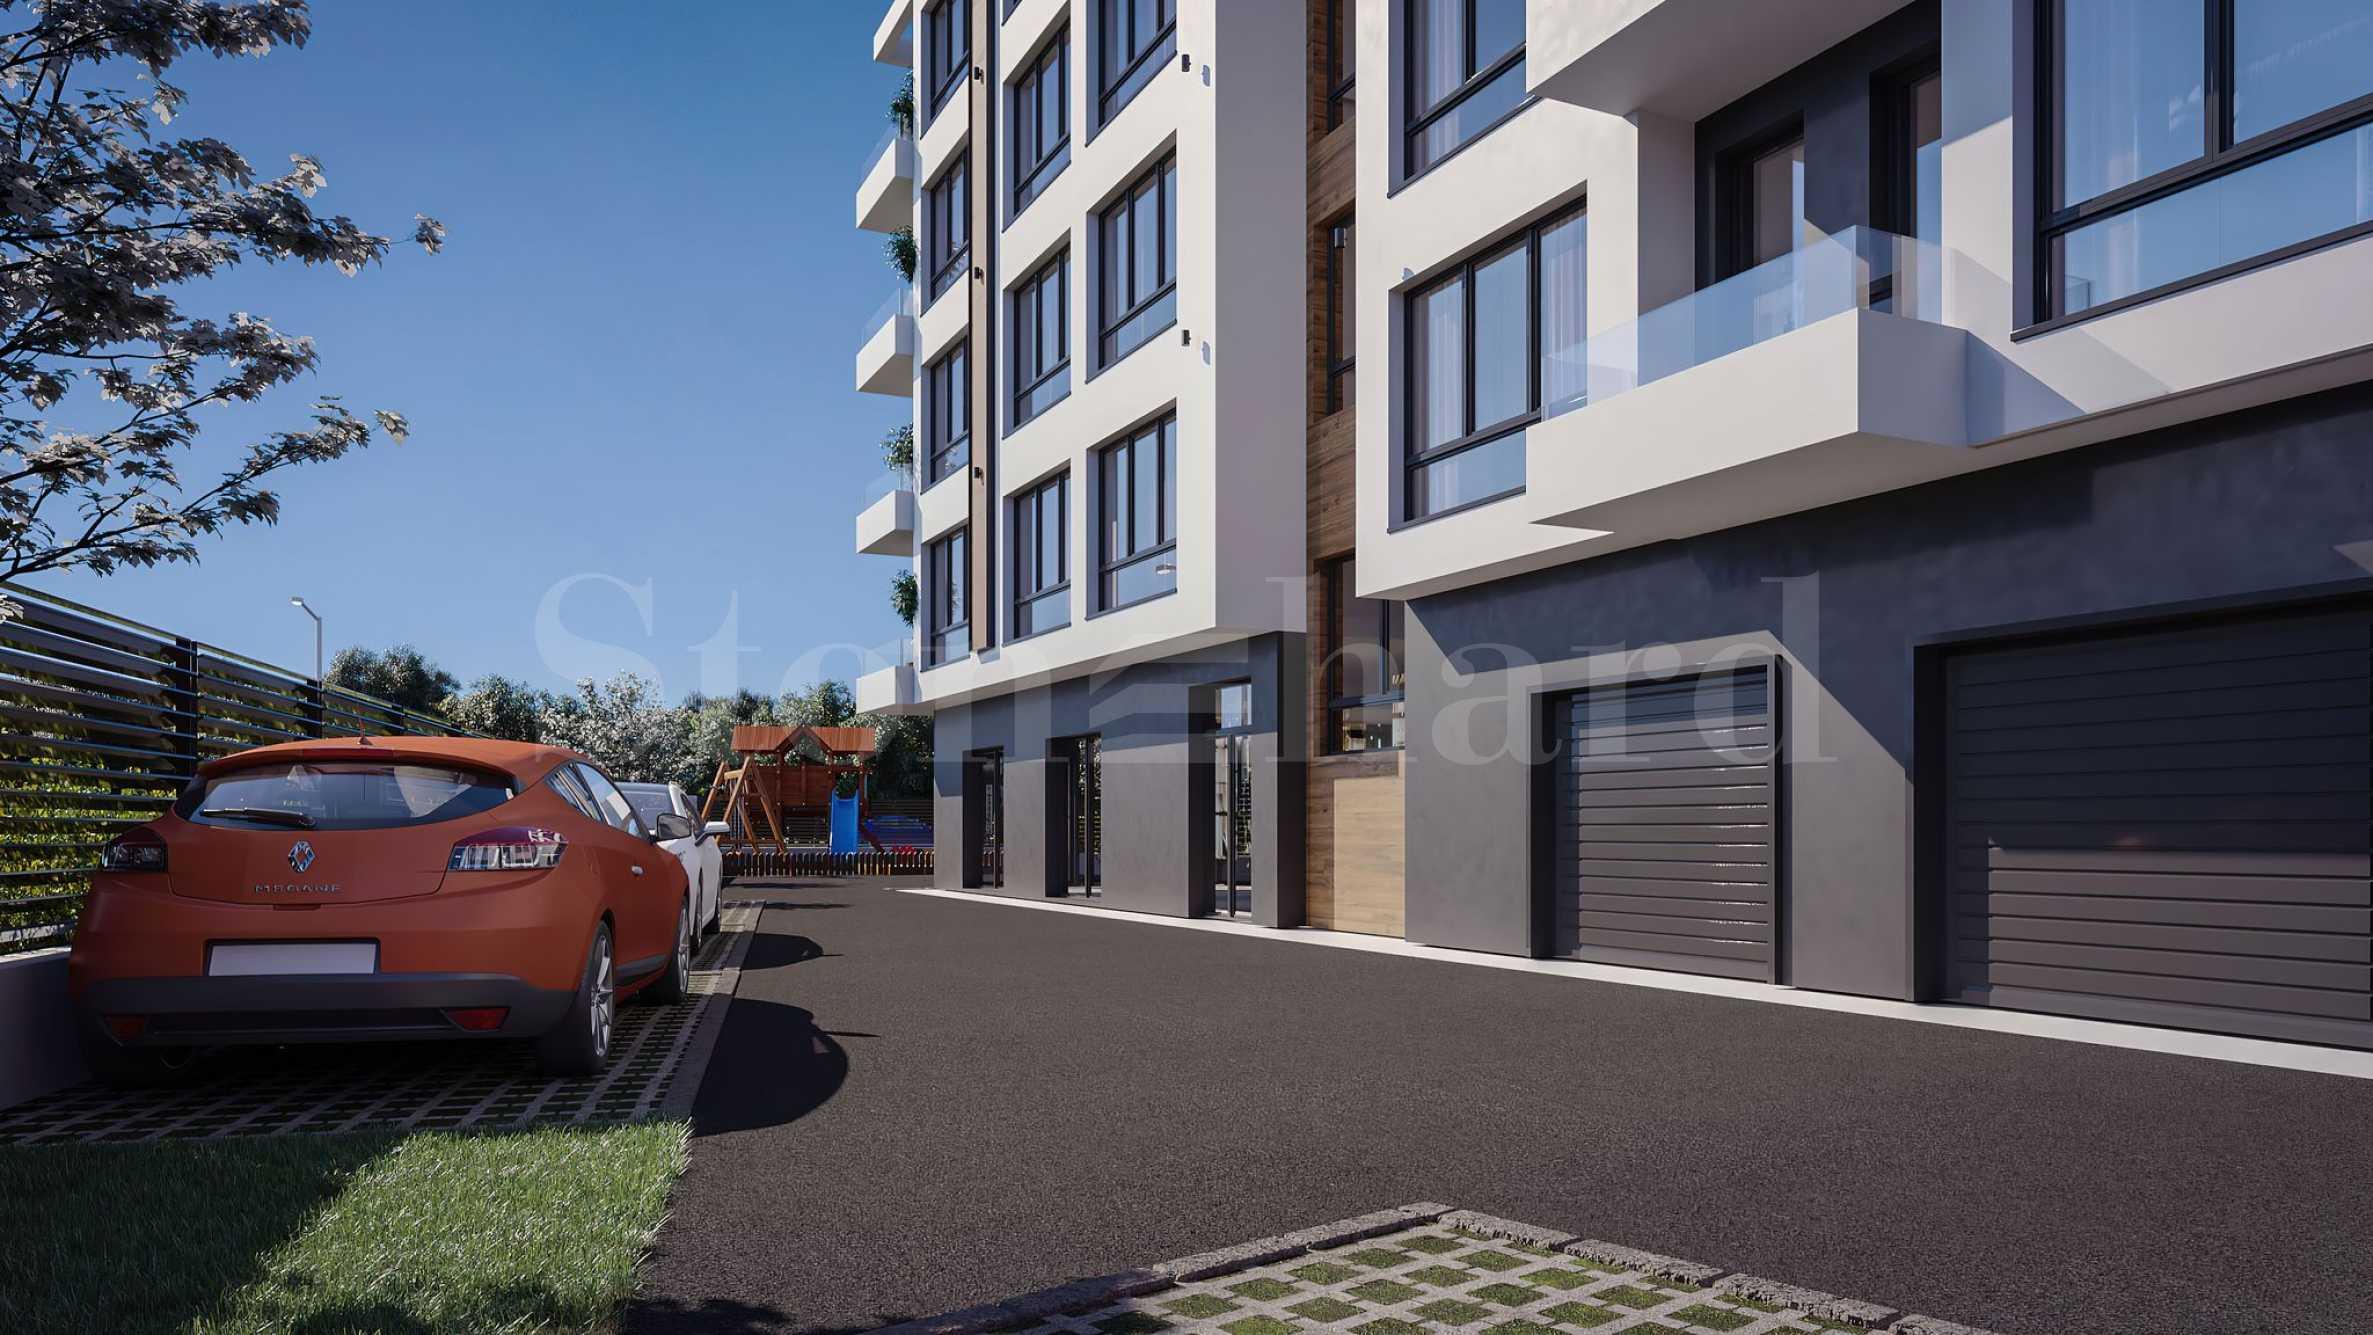 Апартаменти ново строителство в бутикова сграда до Ритейл парк2 - Stonehard